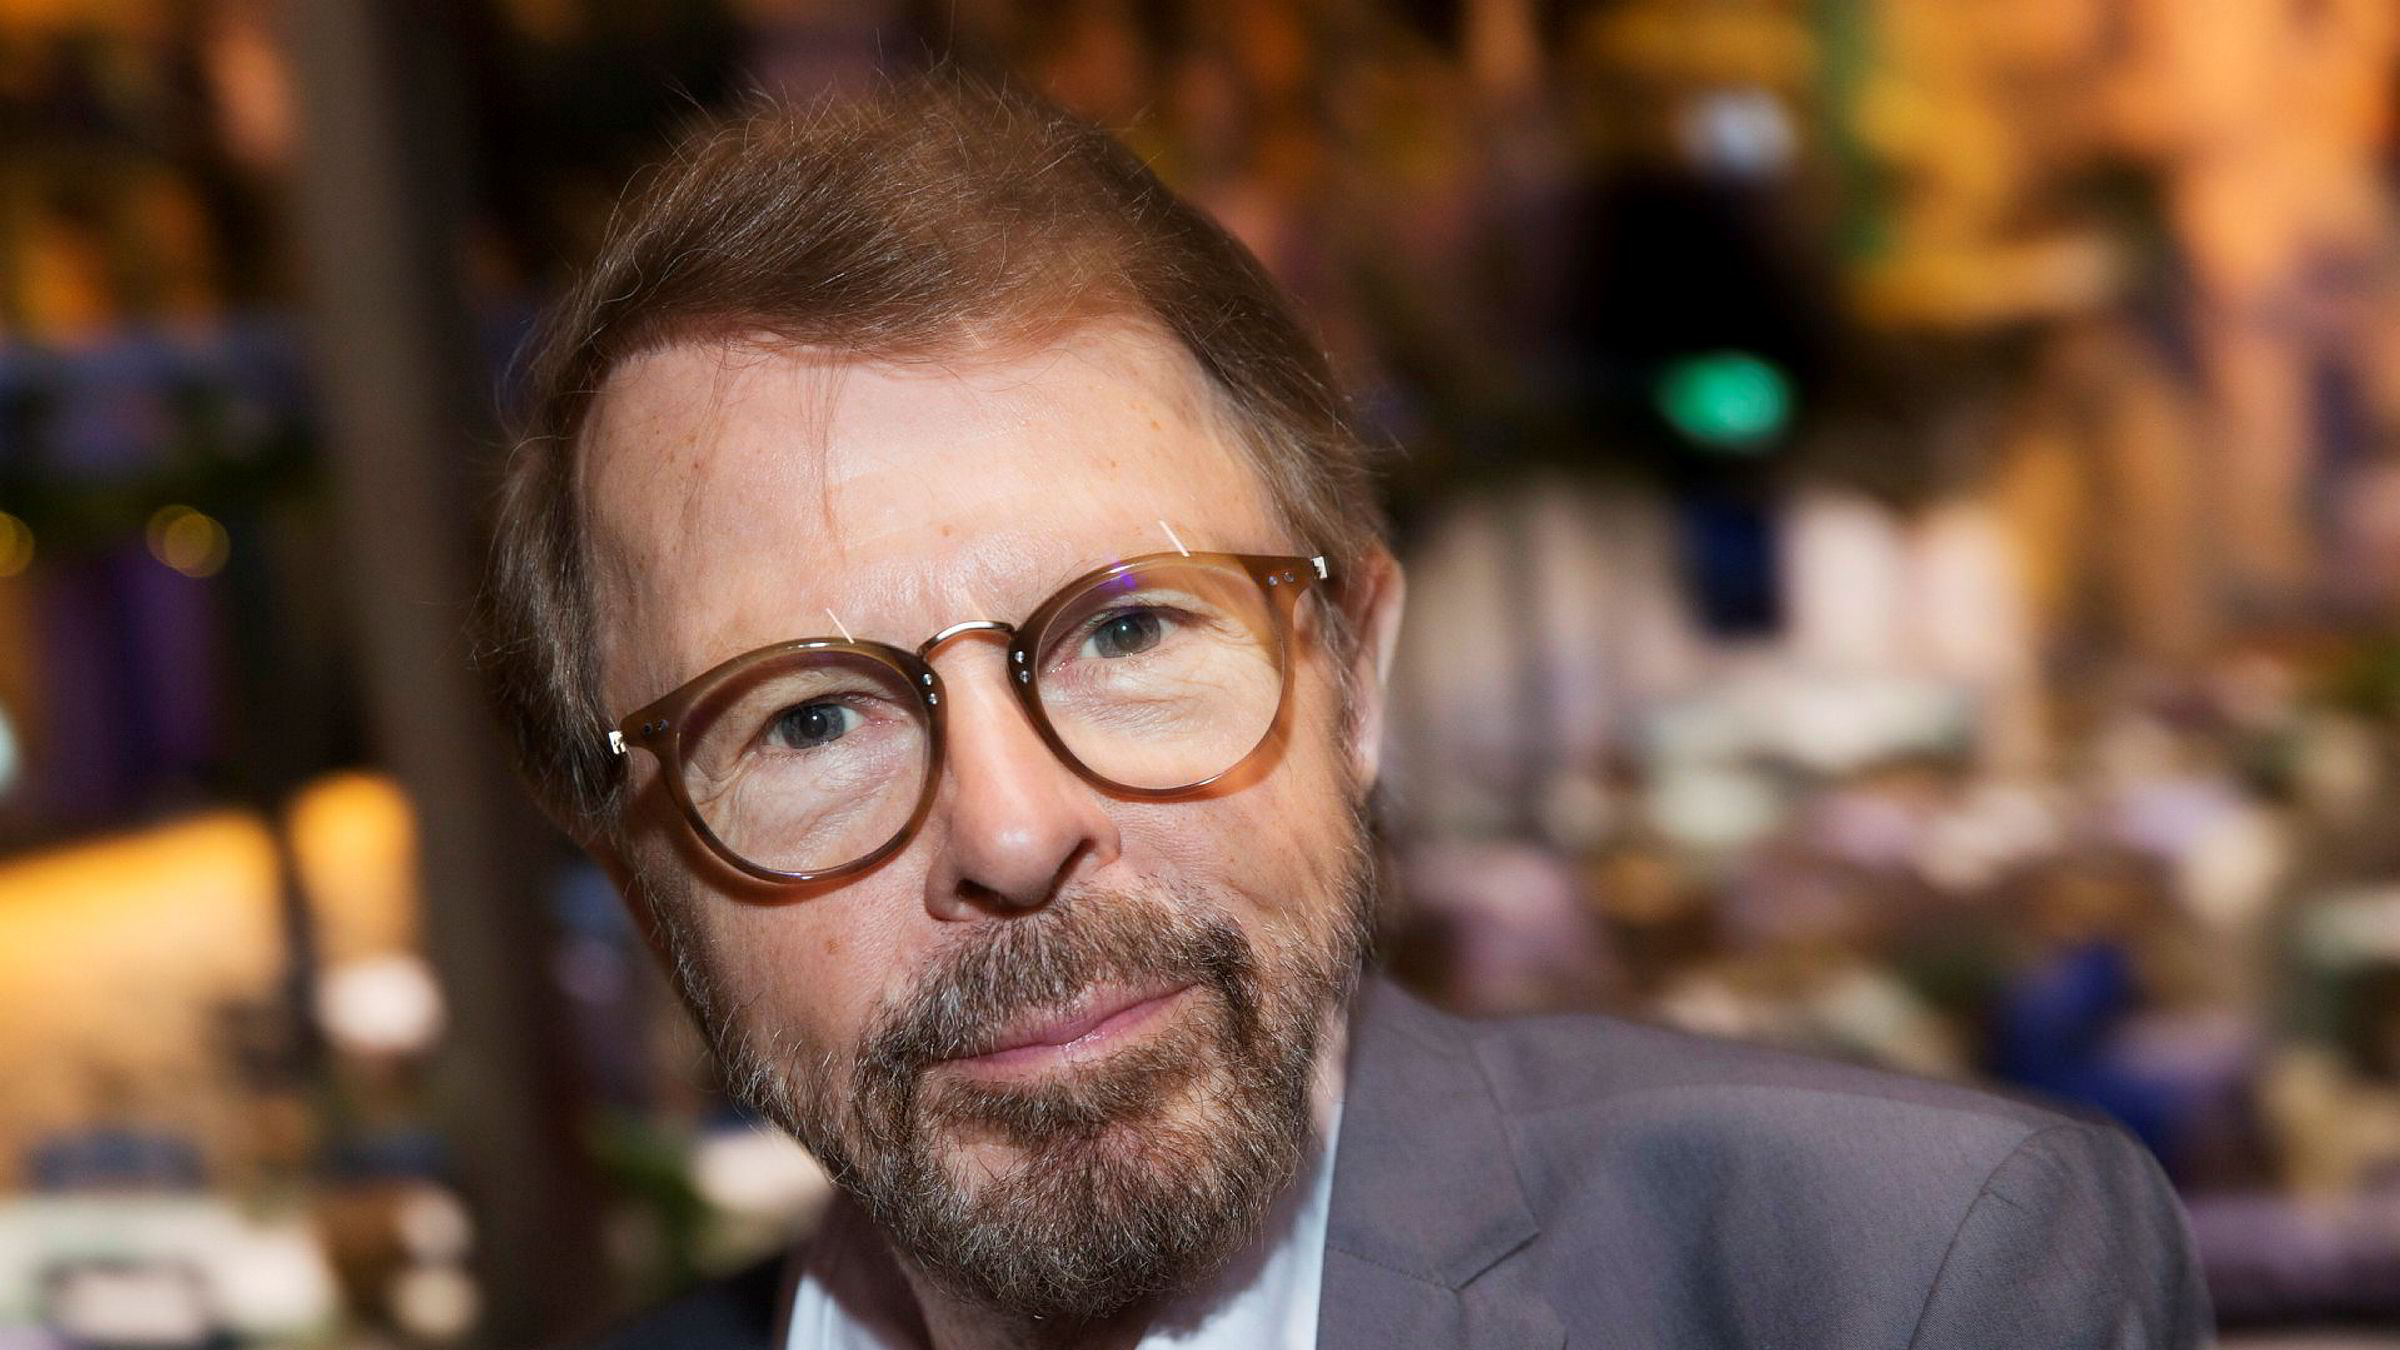 Abba-legenden Bjorn Kristian Ulvaeus er storeier i selskapet Alm Equitys som står bak et leilighetsprosjekt der mange nå forsøker å selge seg ut rett før innflytting.